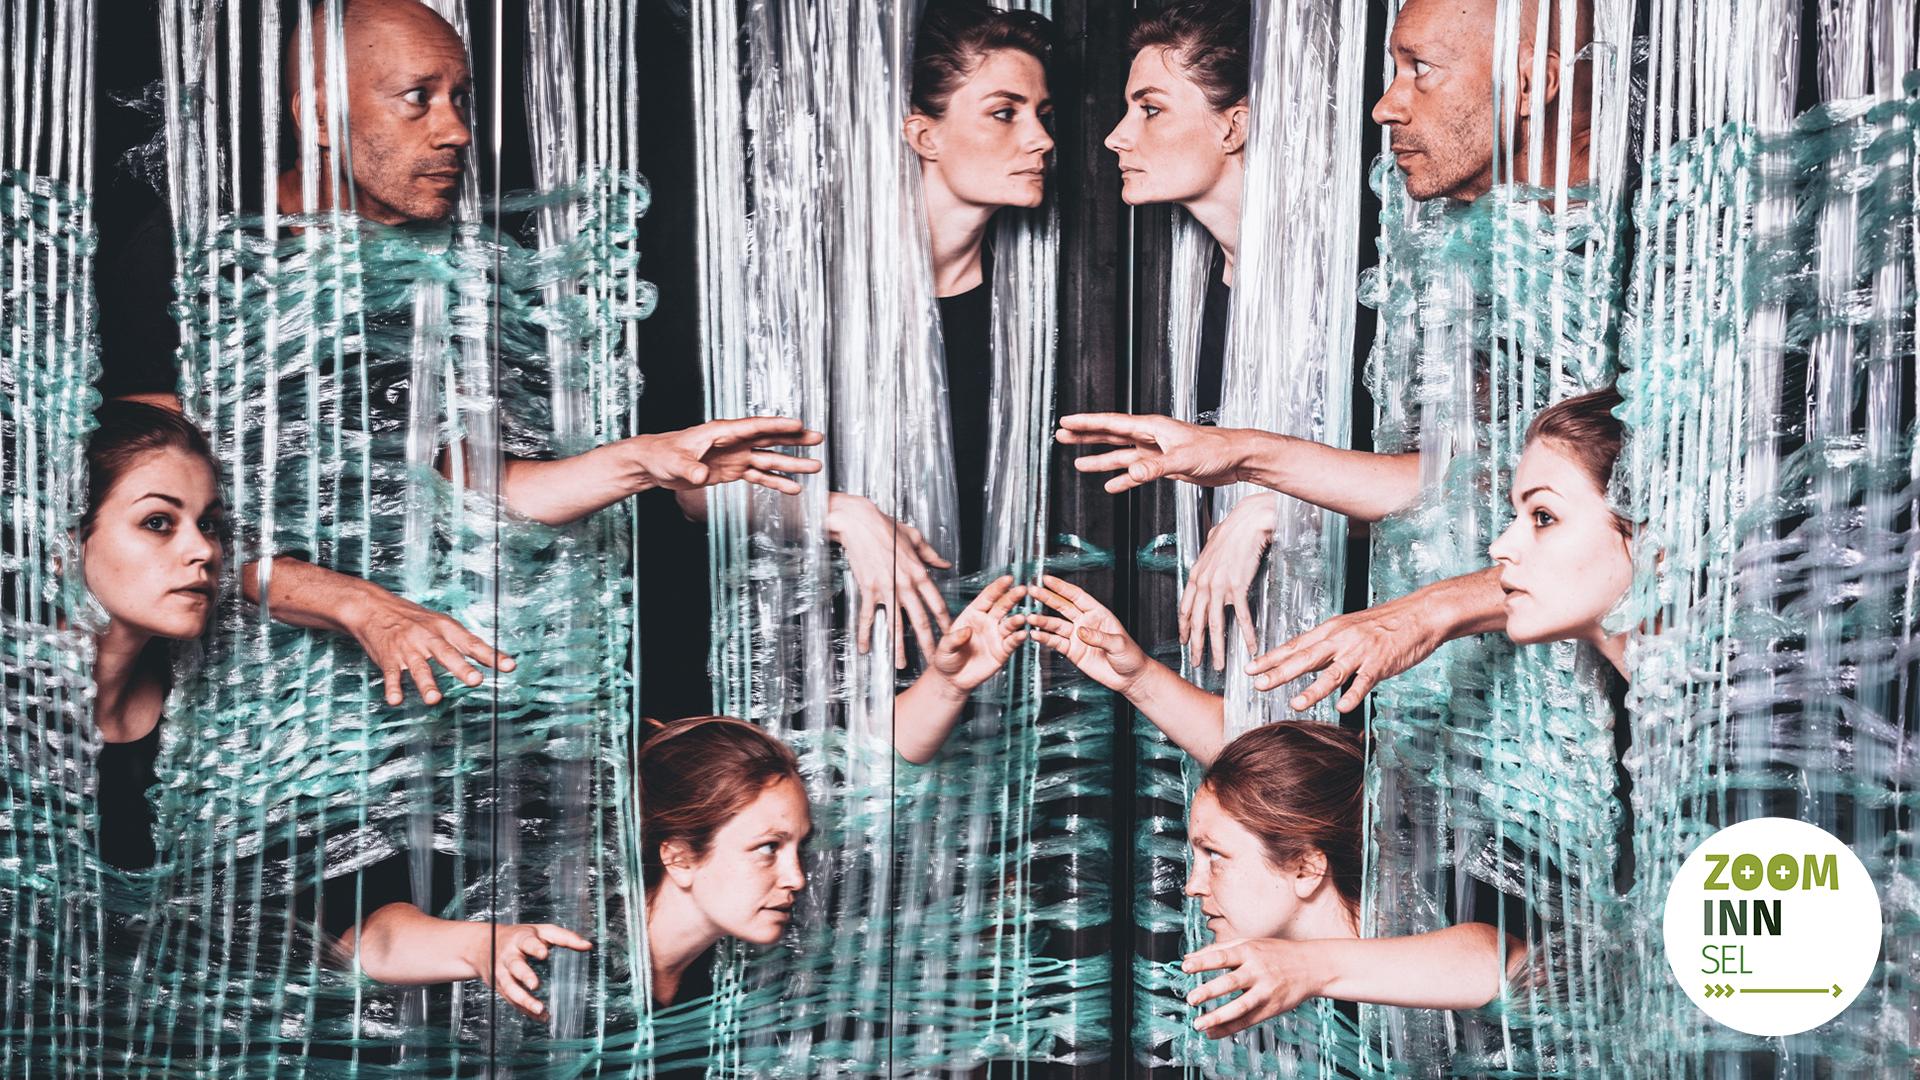 Bilde av fire skuespillere med speilvendt effekt